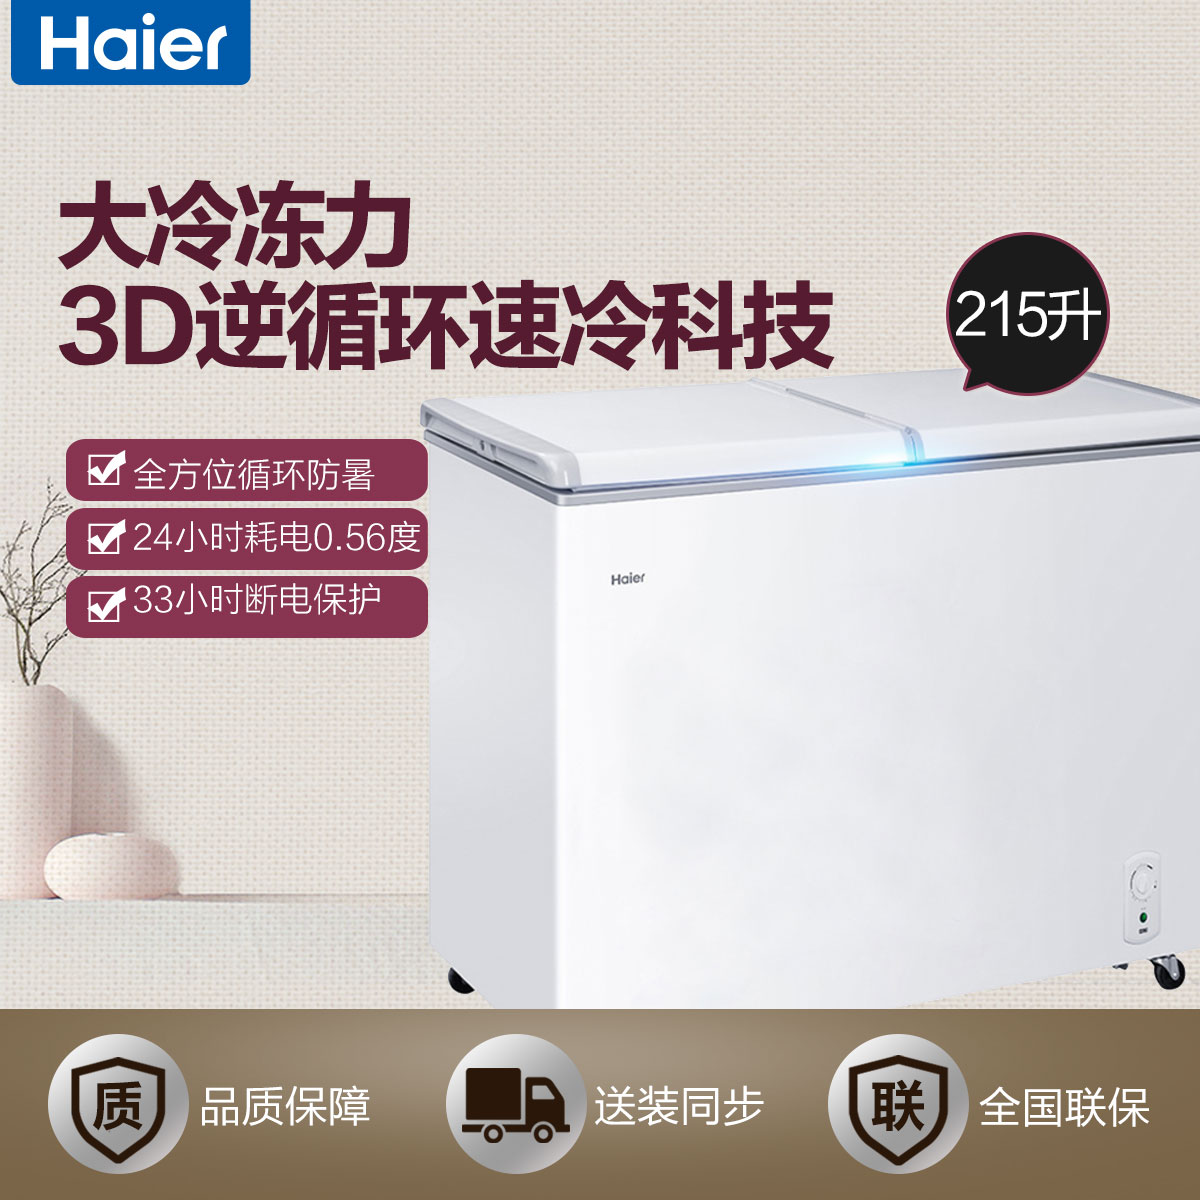 双温双箱 一机多用,大冷冻力大容量,断电保护不化货 FCD-215SEA 215升大容量冷柜/冷藏冷冻双温 小冰柜 家用商用冰箱